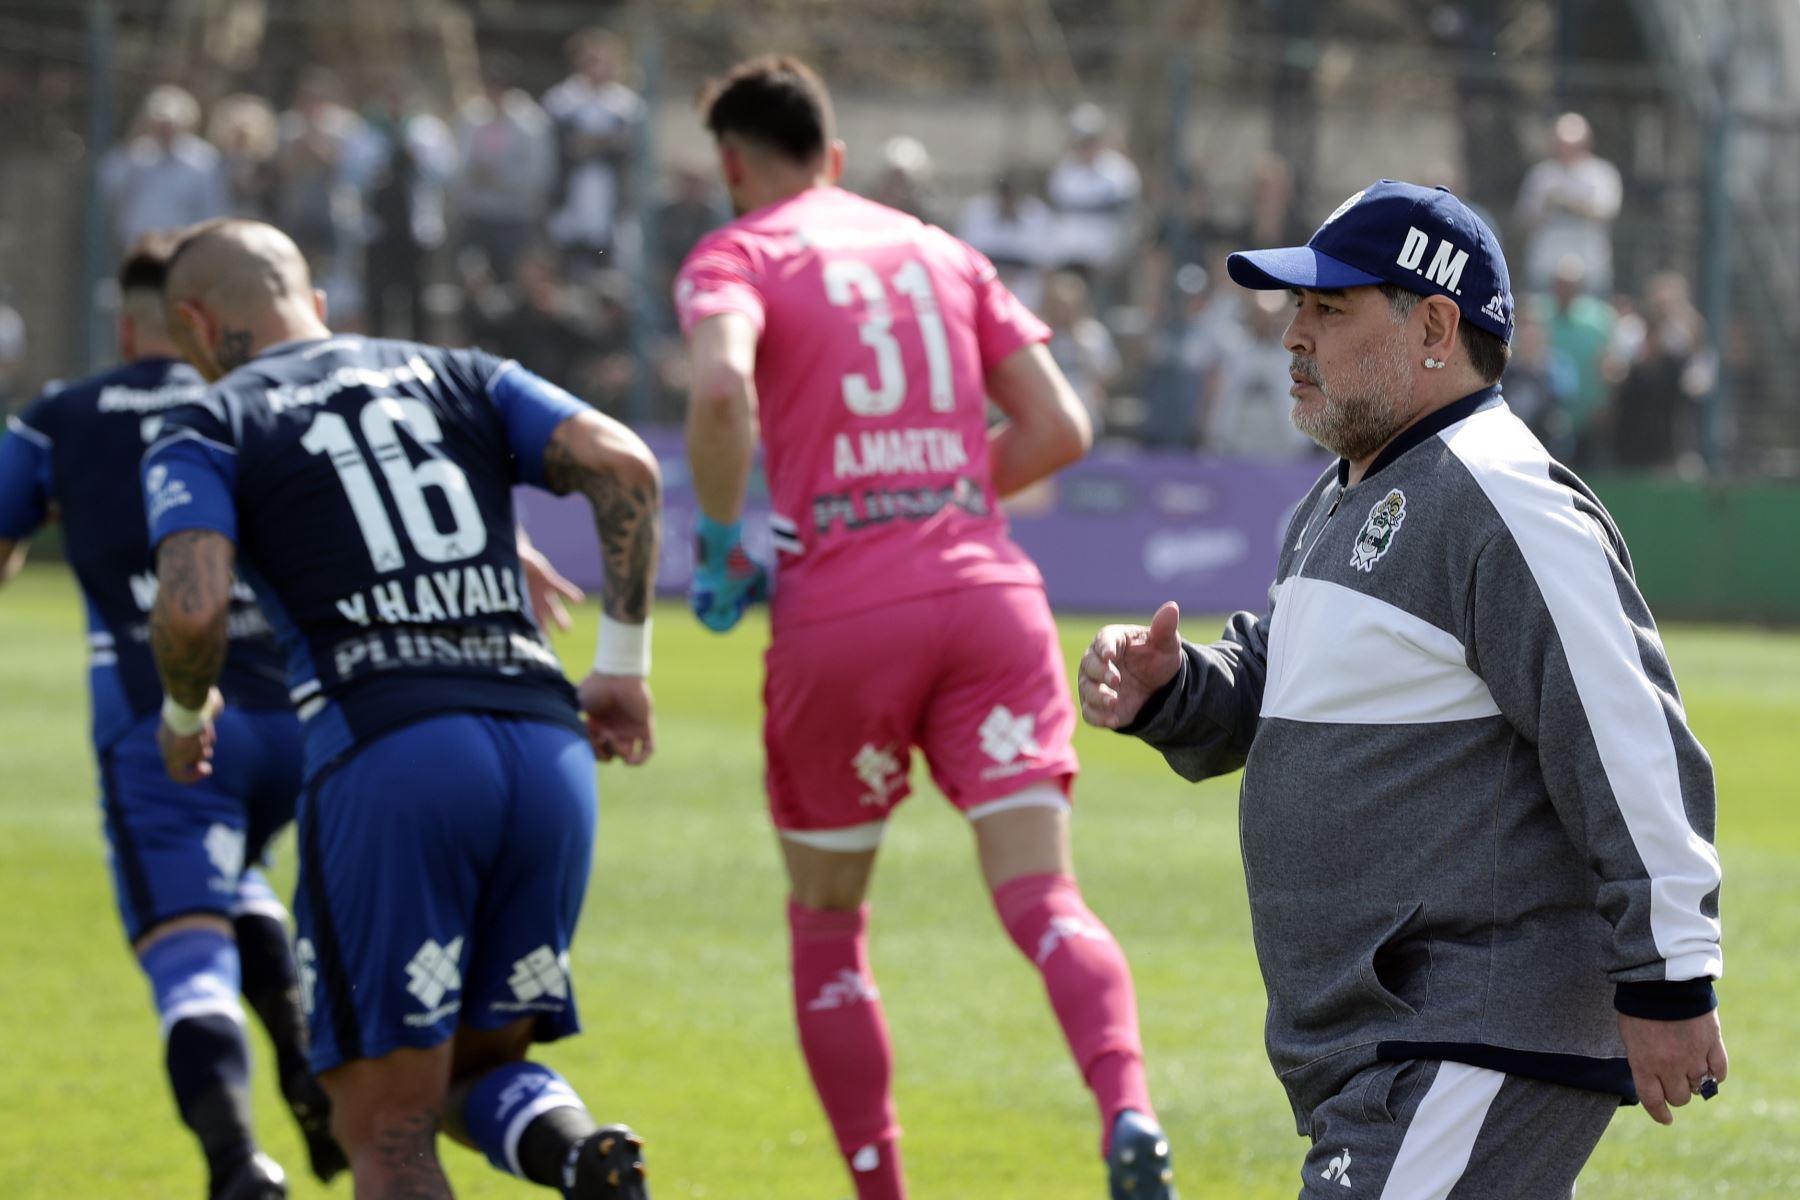 Ex estrella argentina del fútbol y entrenador del nuevo equipo de Gimnasia y Esgrima La Plata Diego Armando Maradona hace gestos antes del inicio de su partido de fútbol de la Superliga de la Primera División de Argentina contra el Racing Club. Foto: AFP